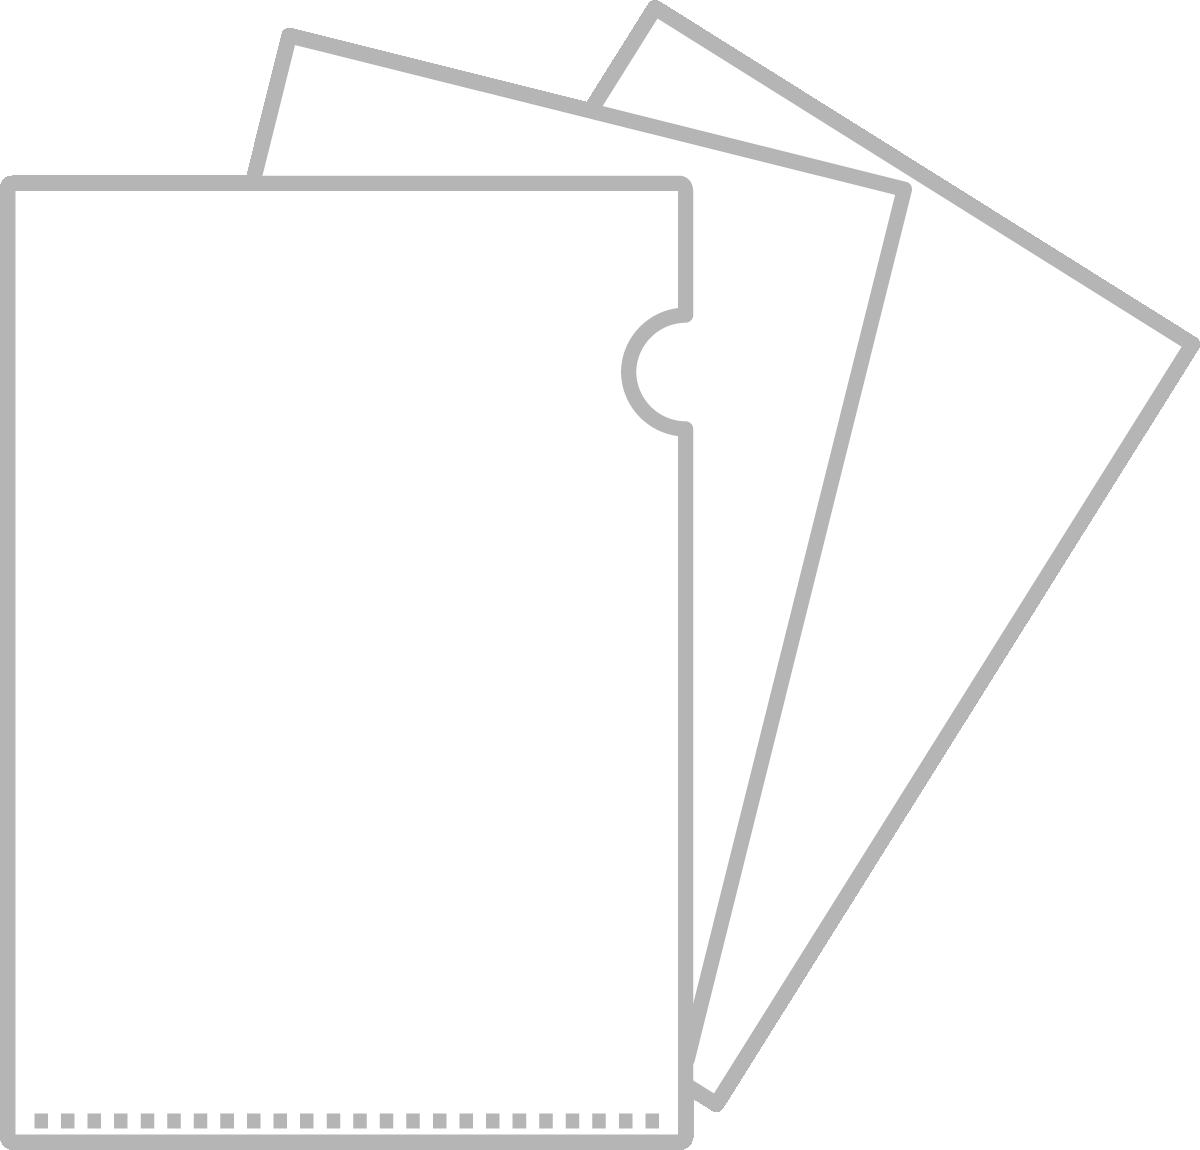 ブライダルフェア 整理ファイル